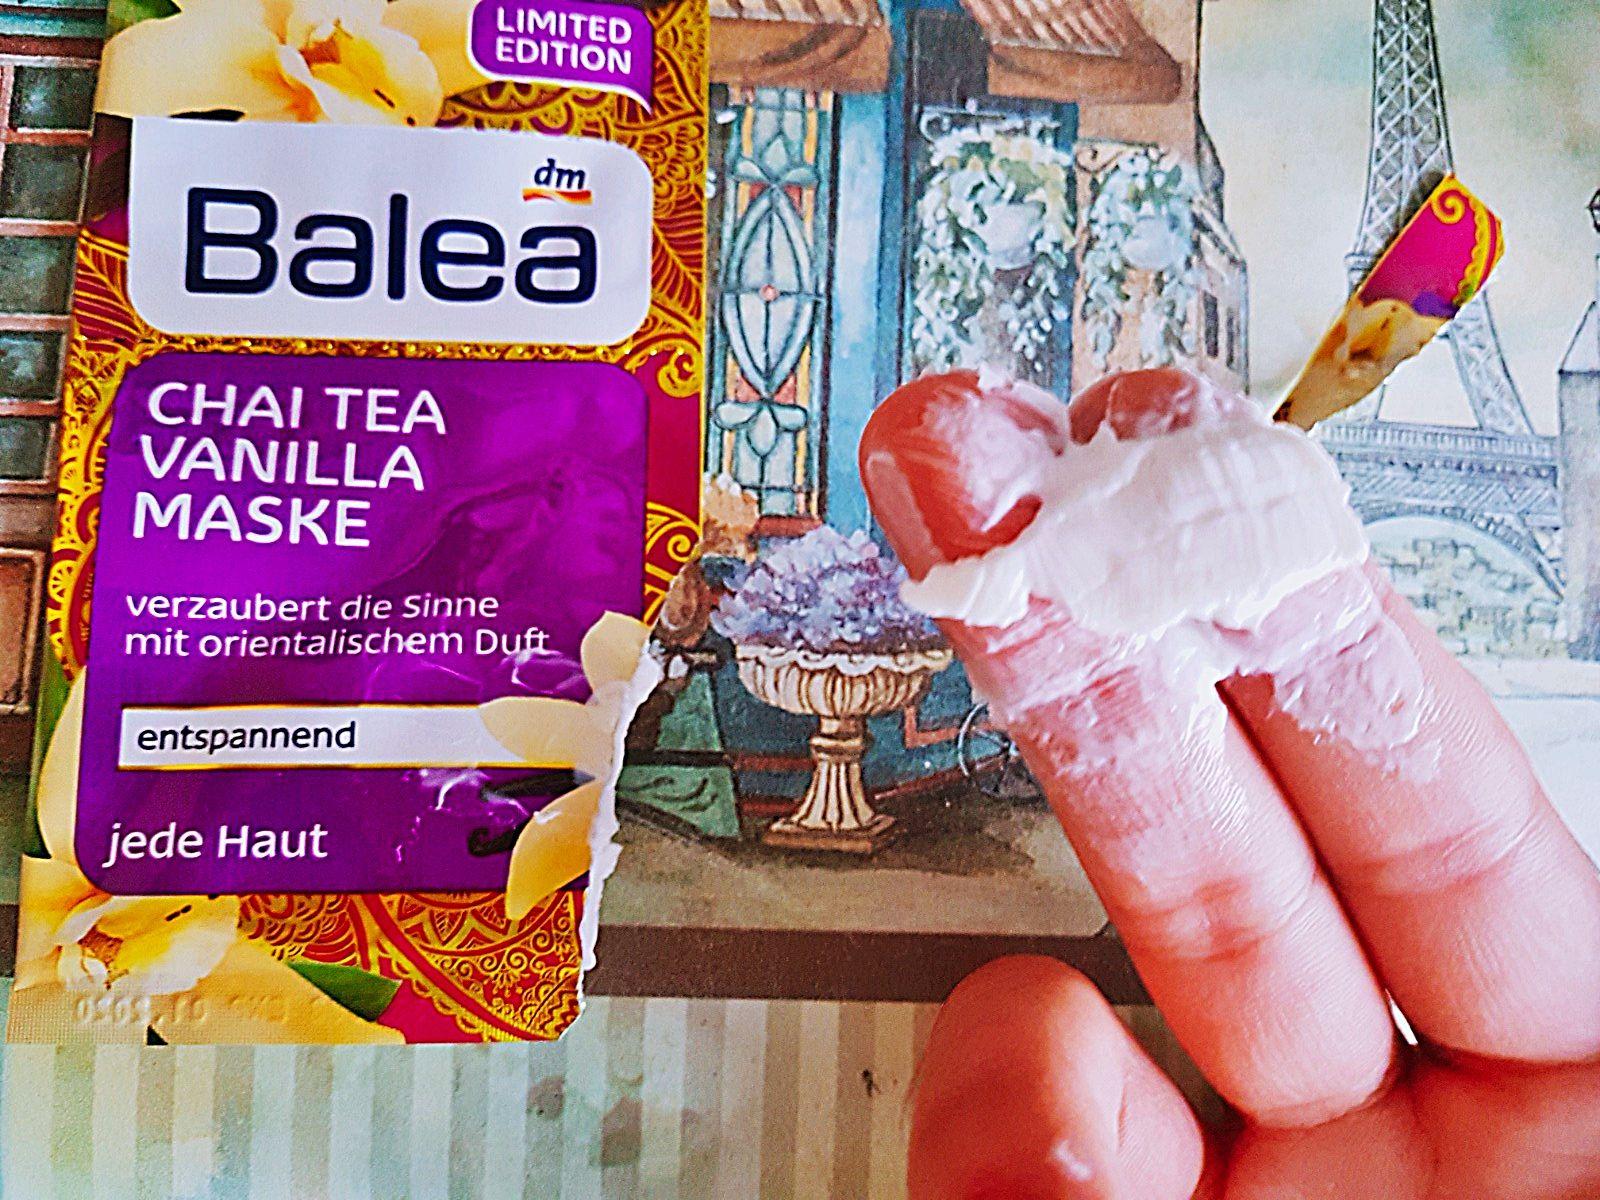 Balea Chai Tea Vanilla Maske von DM